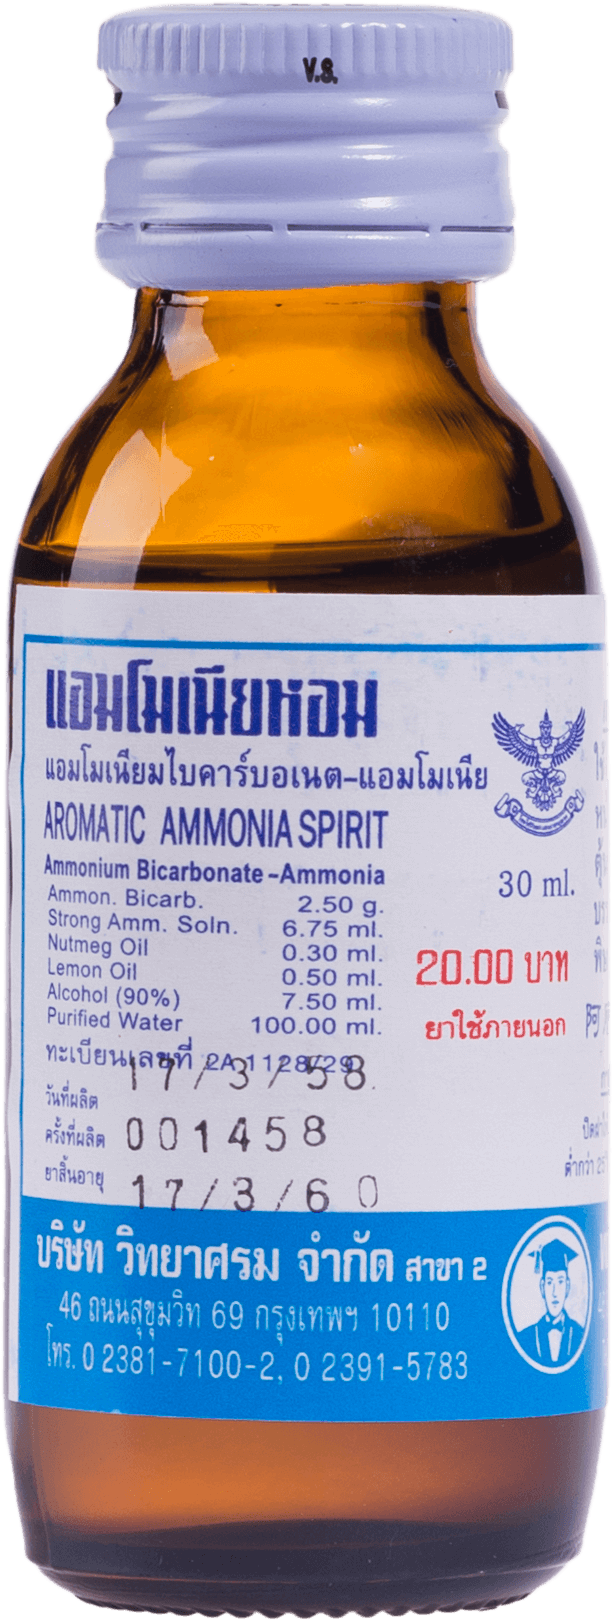 แอมโมเนียหอม วิทยาศรม